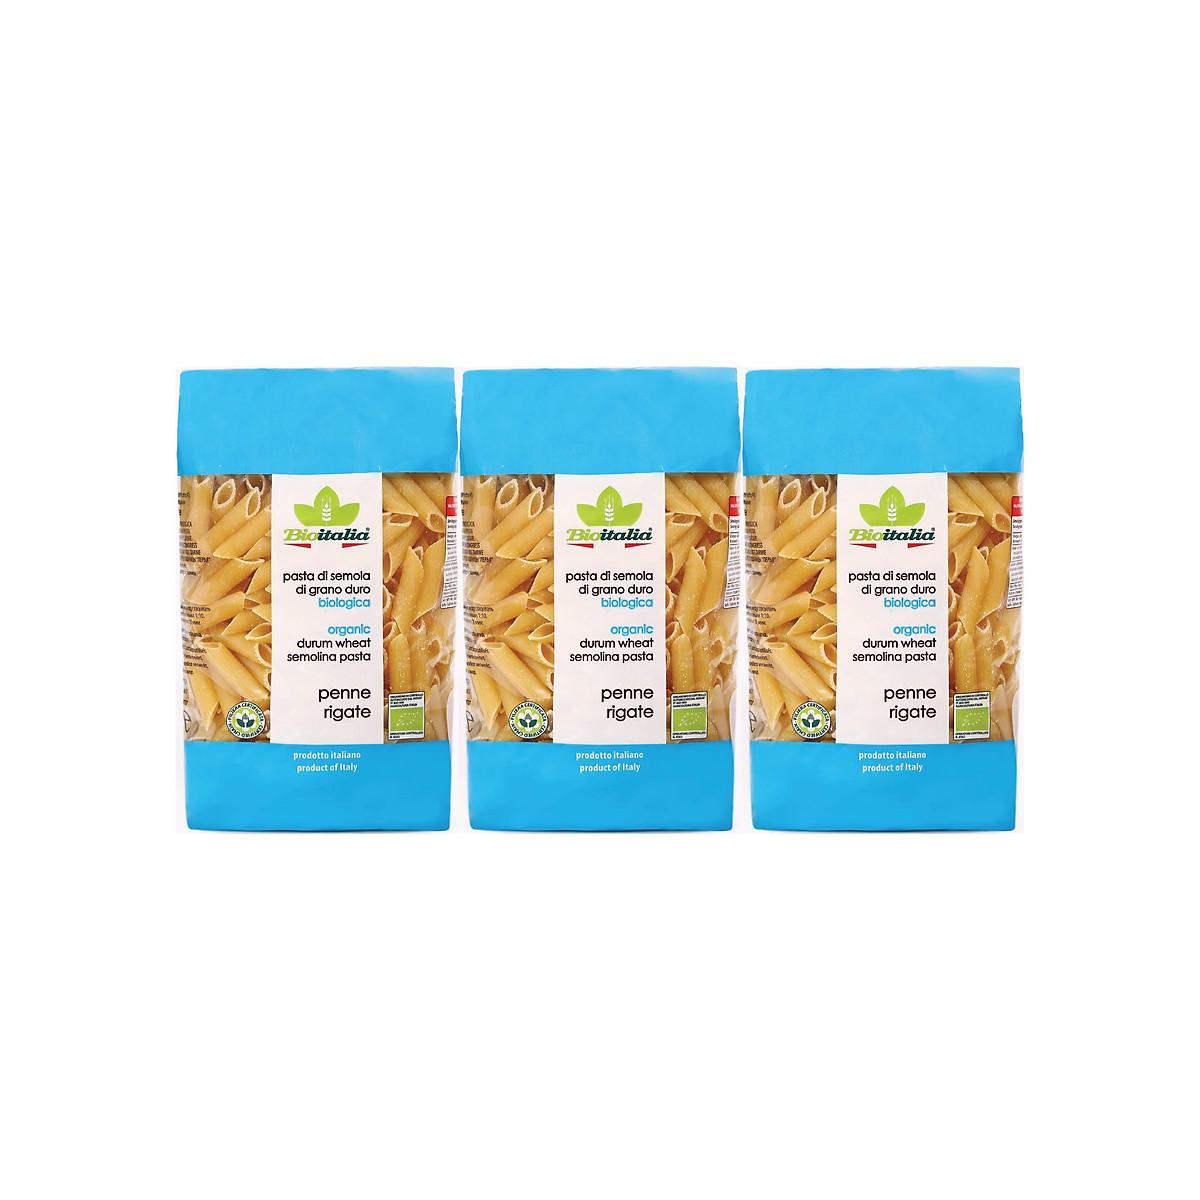 Nui Ống Dài Penne Rigate Hữu Cơ BioItalia (500g)Lốc 3 gói